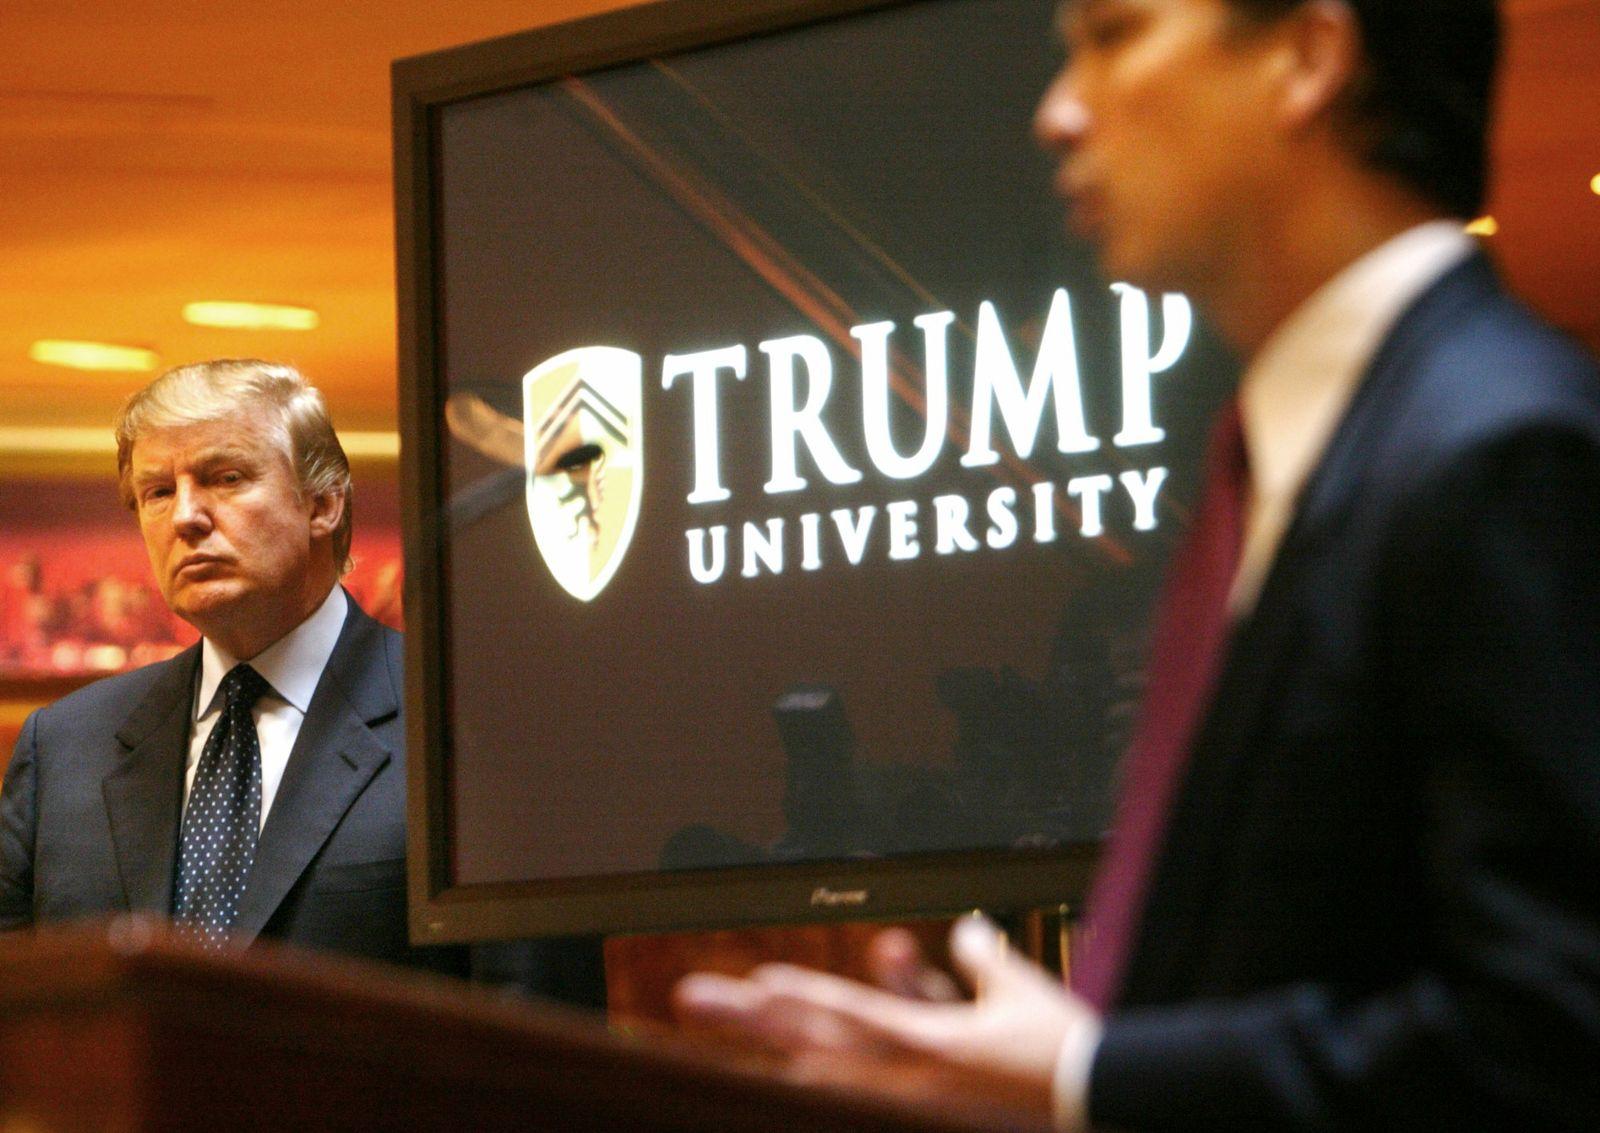 Trump Imperium / University